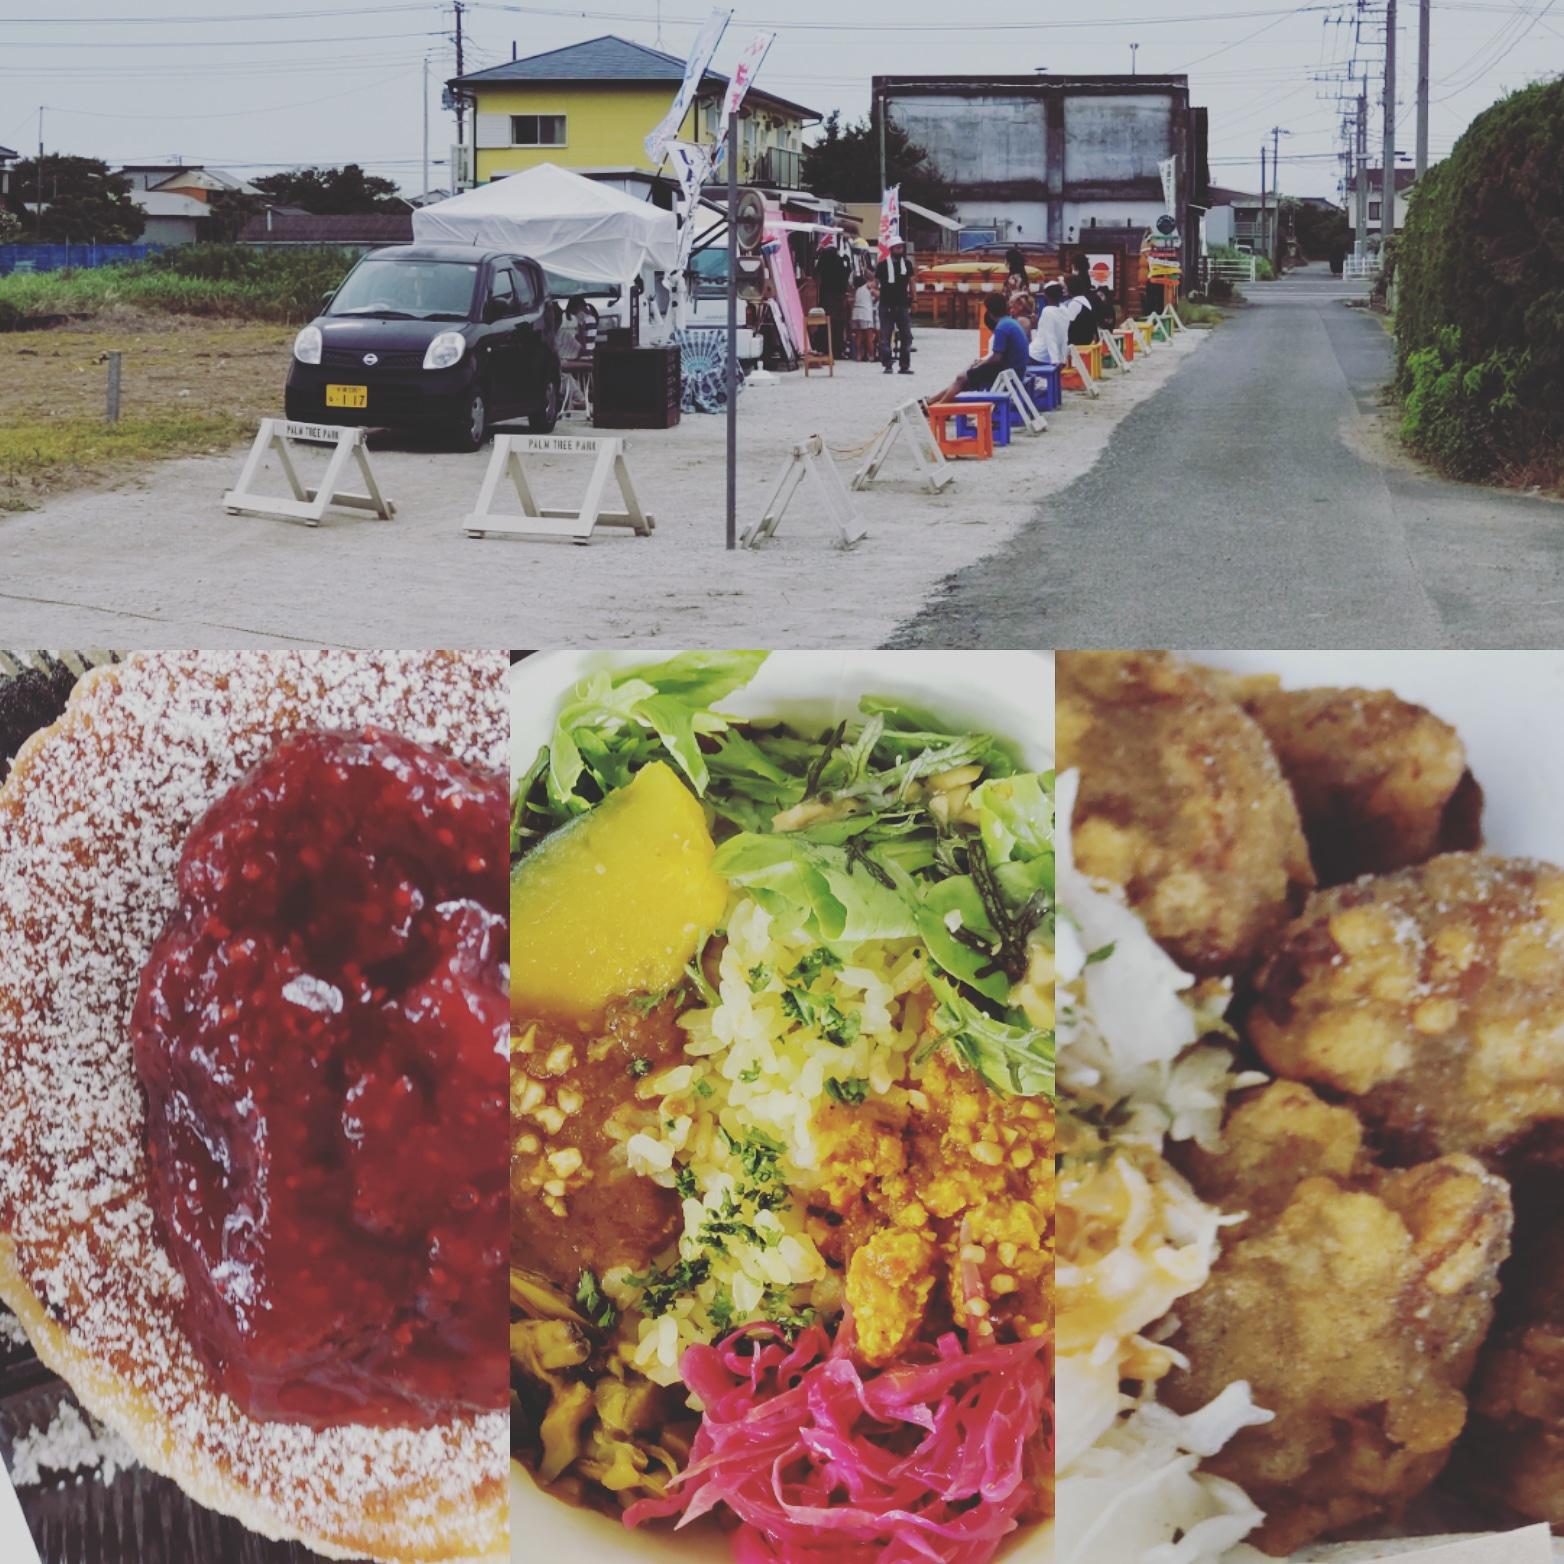 隣の九十九里町のキッチンカー広場Palm Tree Parkでは毎週色々なキッチンカーが集まります。